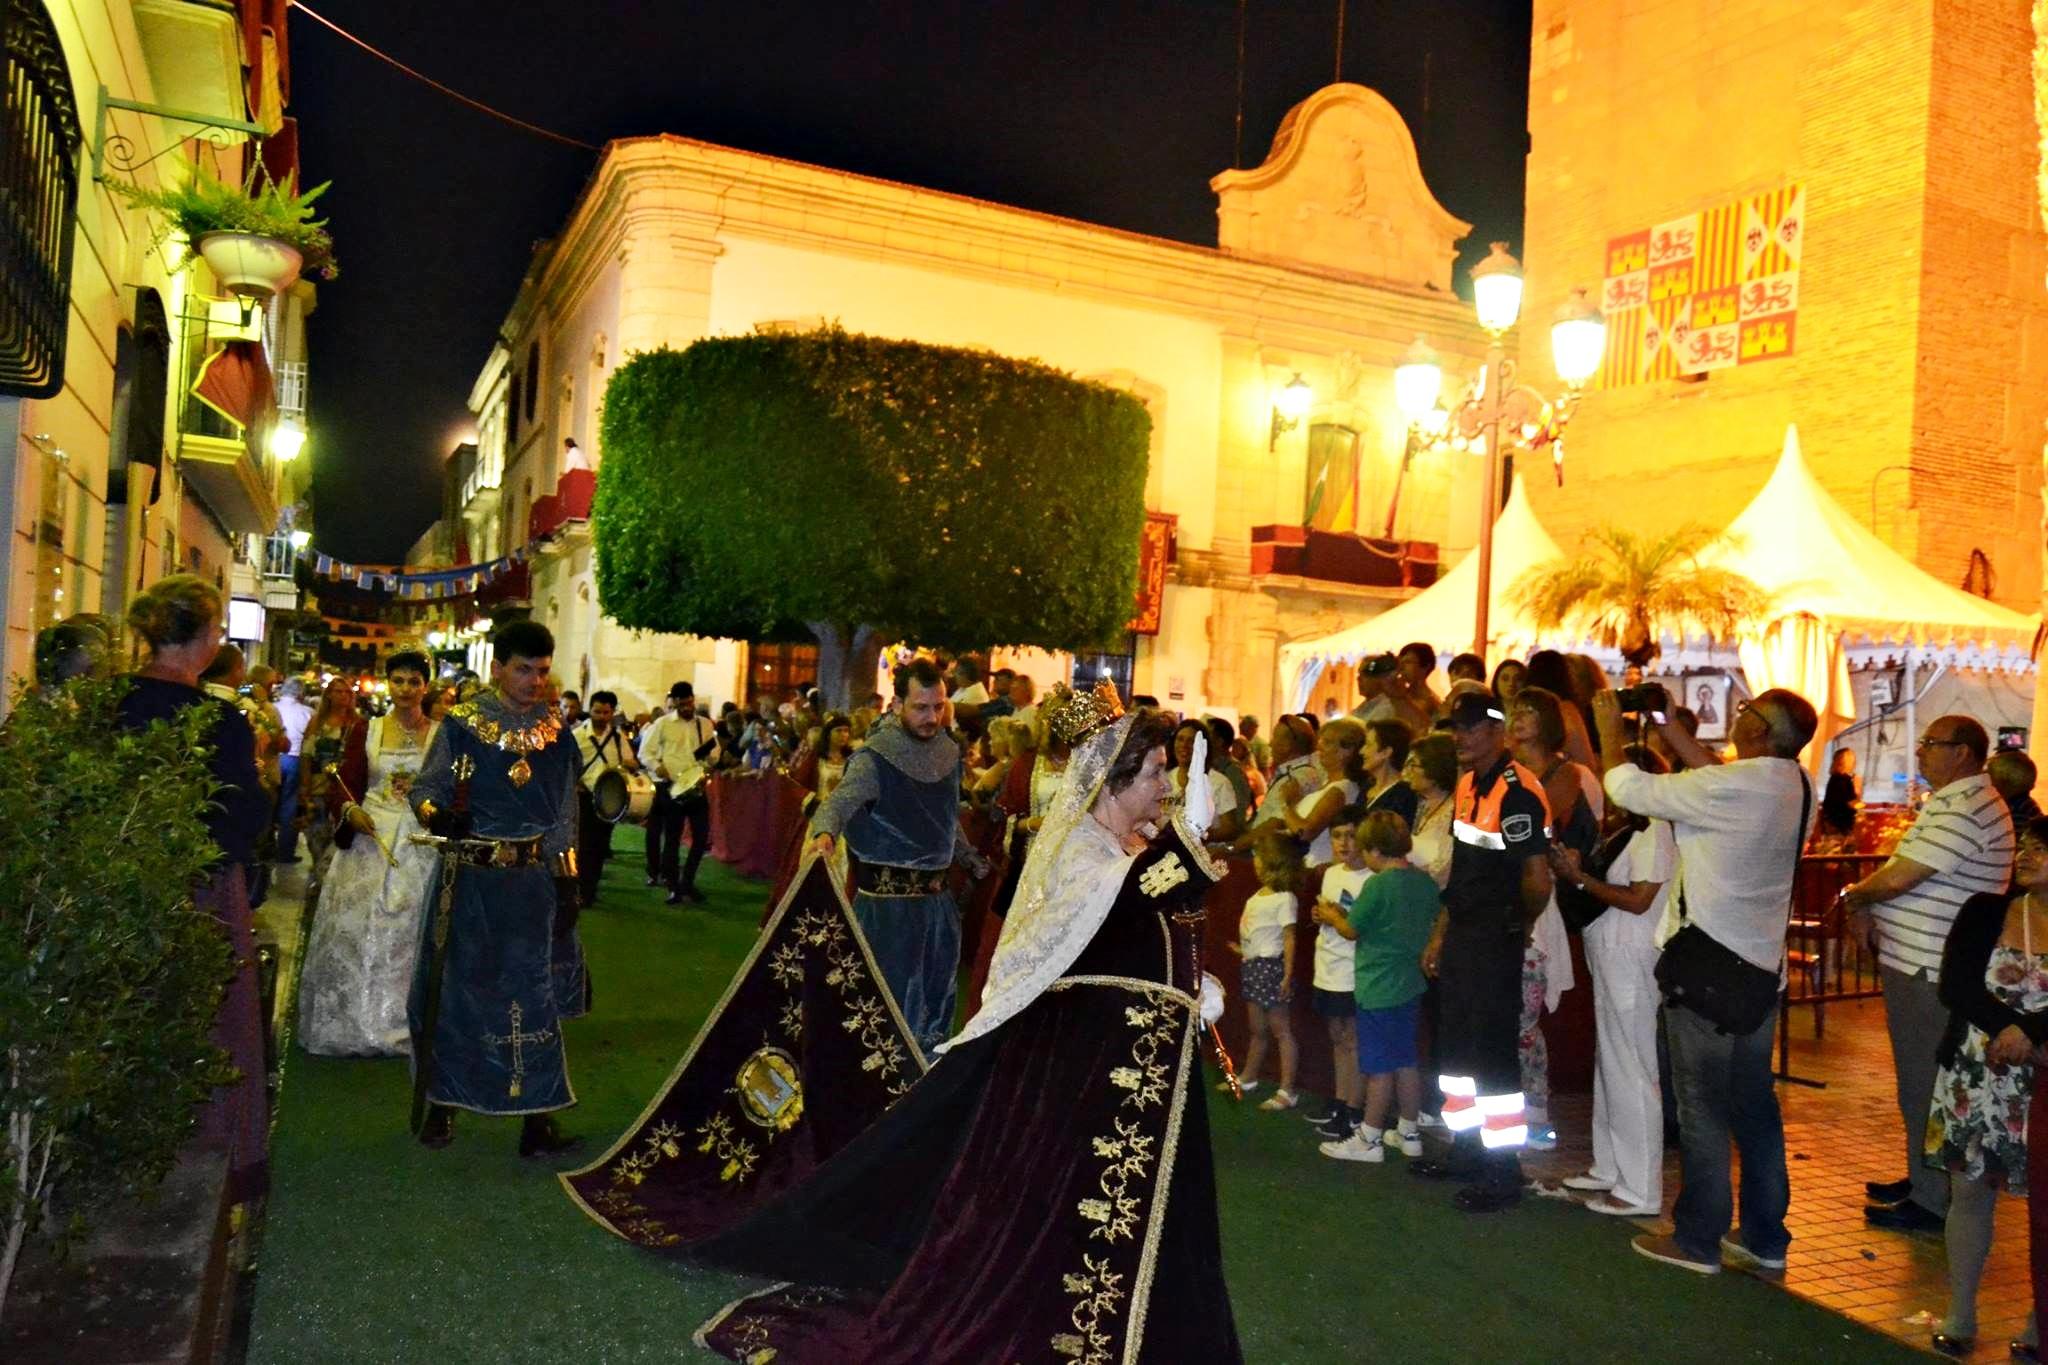 Moros Cristianos fiestas populares Vera